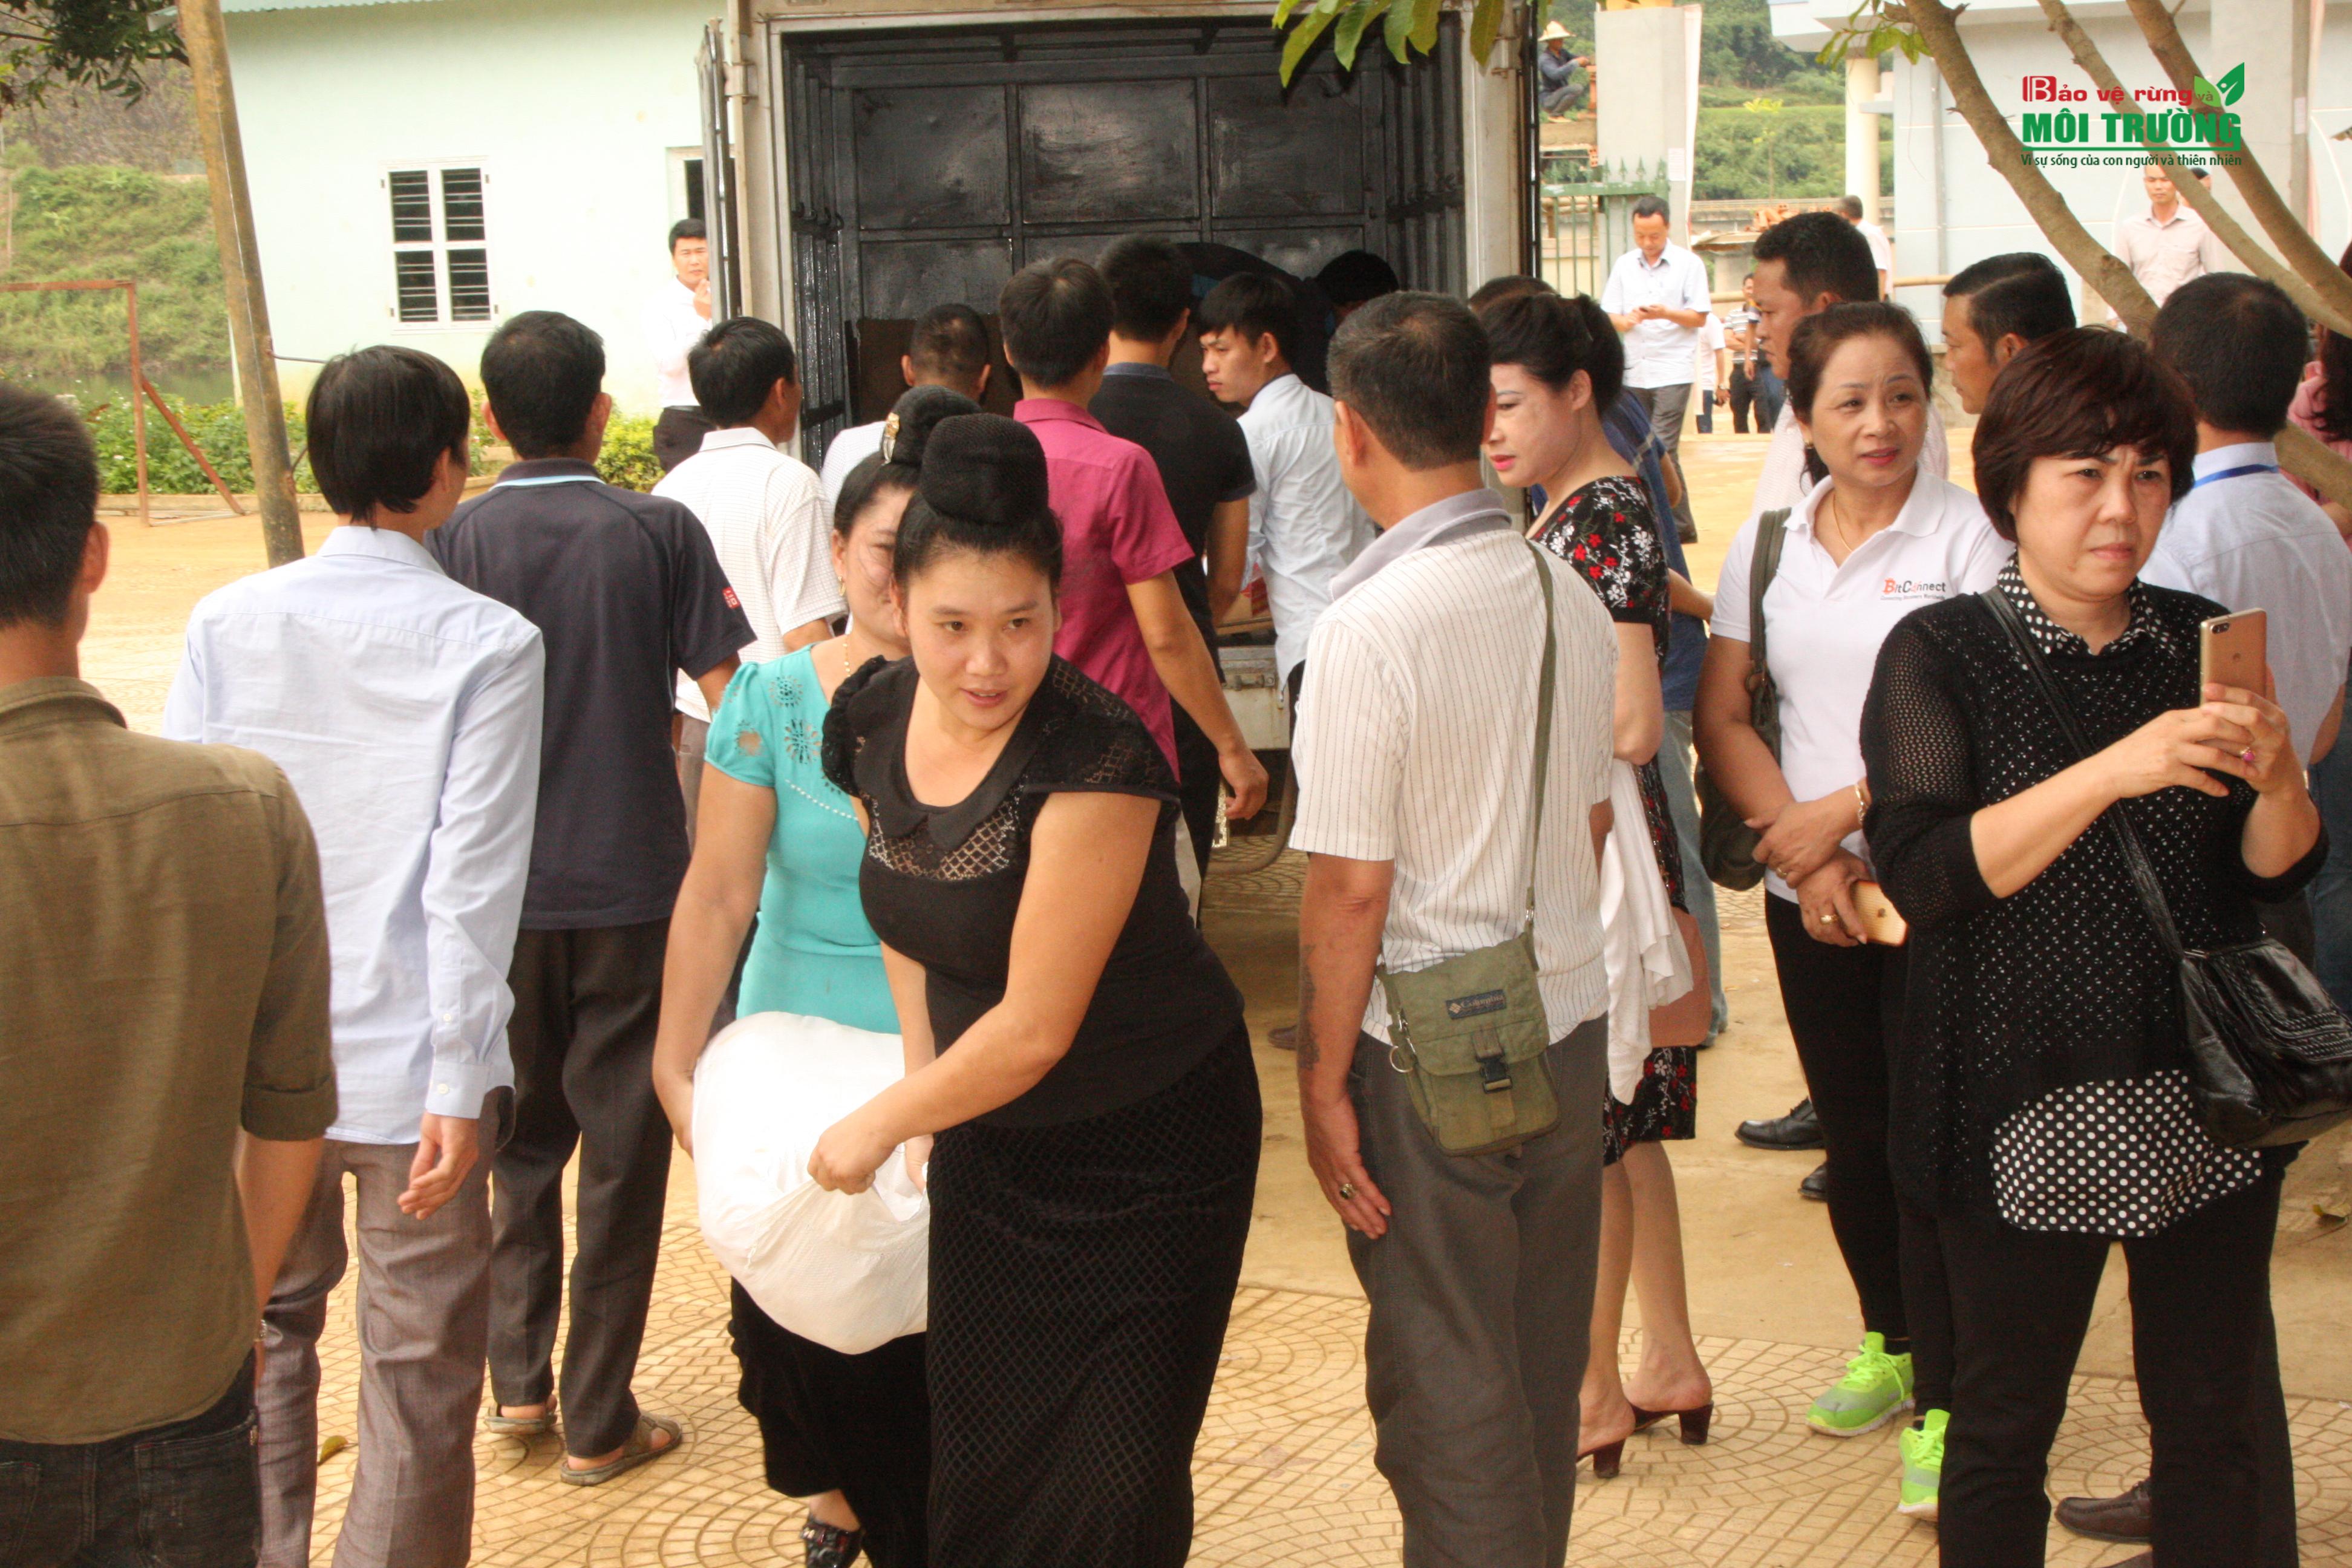 """Đoàn """"Caravan Doanh nhân: Báo chí đồng hành cùng doanh nghiệp"""" trao quà cho thầy cô và các em học sinh 3 trường Mầm non, Tiểu học và Trung học cơ sở tại xã Hua Trai, huyện Mường La, tỉnh Sơn La."""